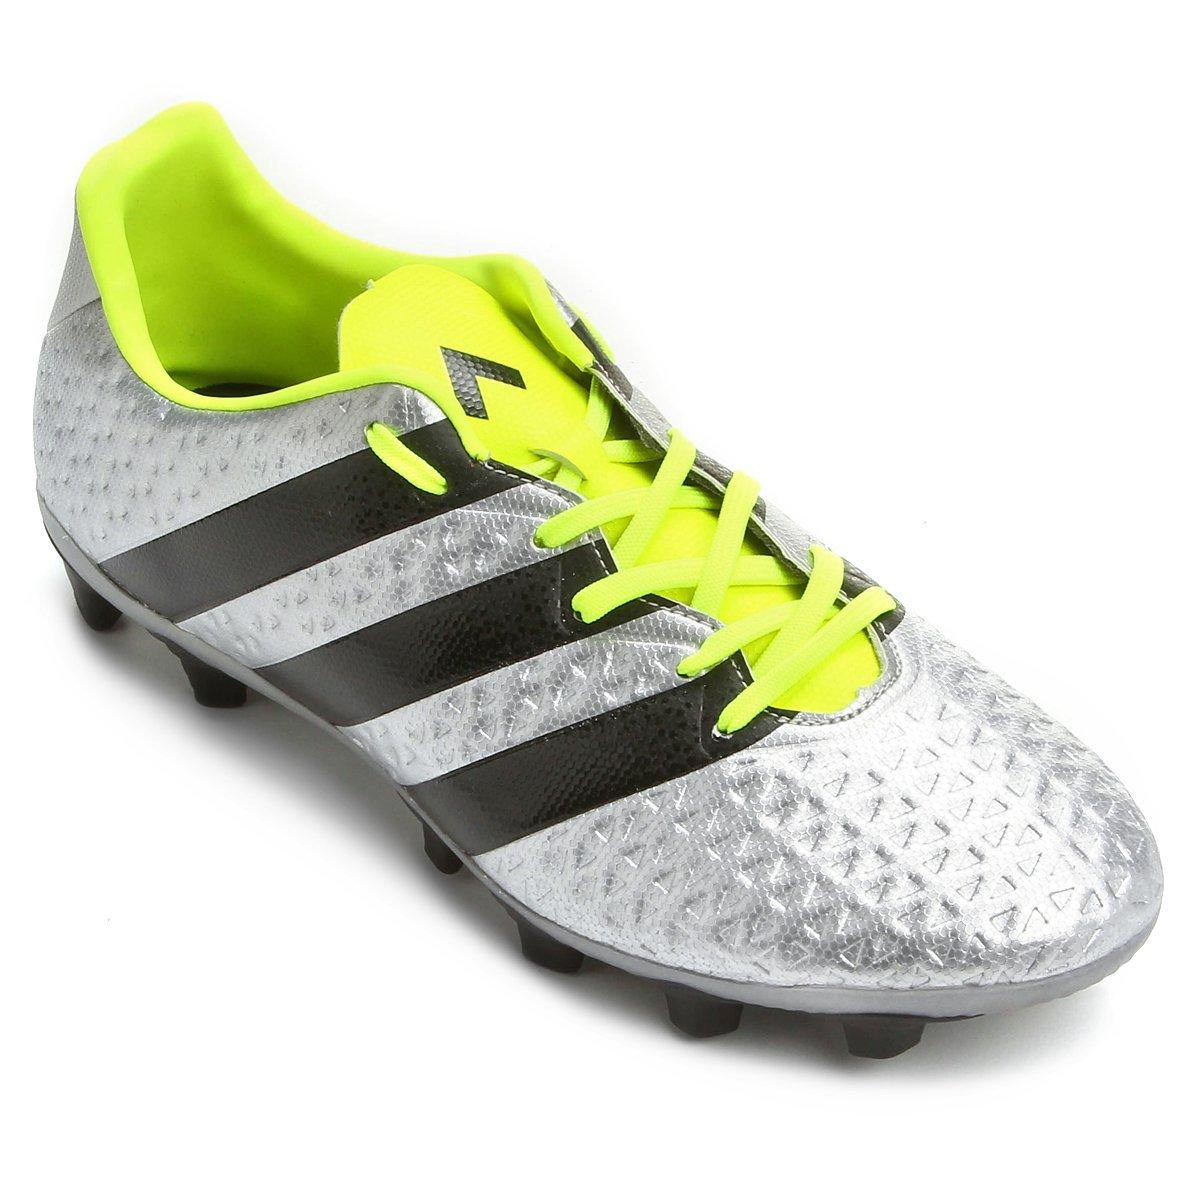 cheaper 60a55 5e8c9 Chuteira Adidas Ace 16.4 FXG Campo - Prata e Amarelo